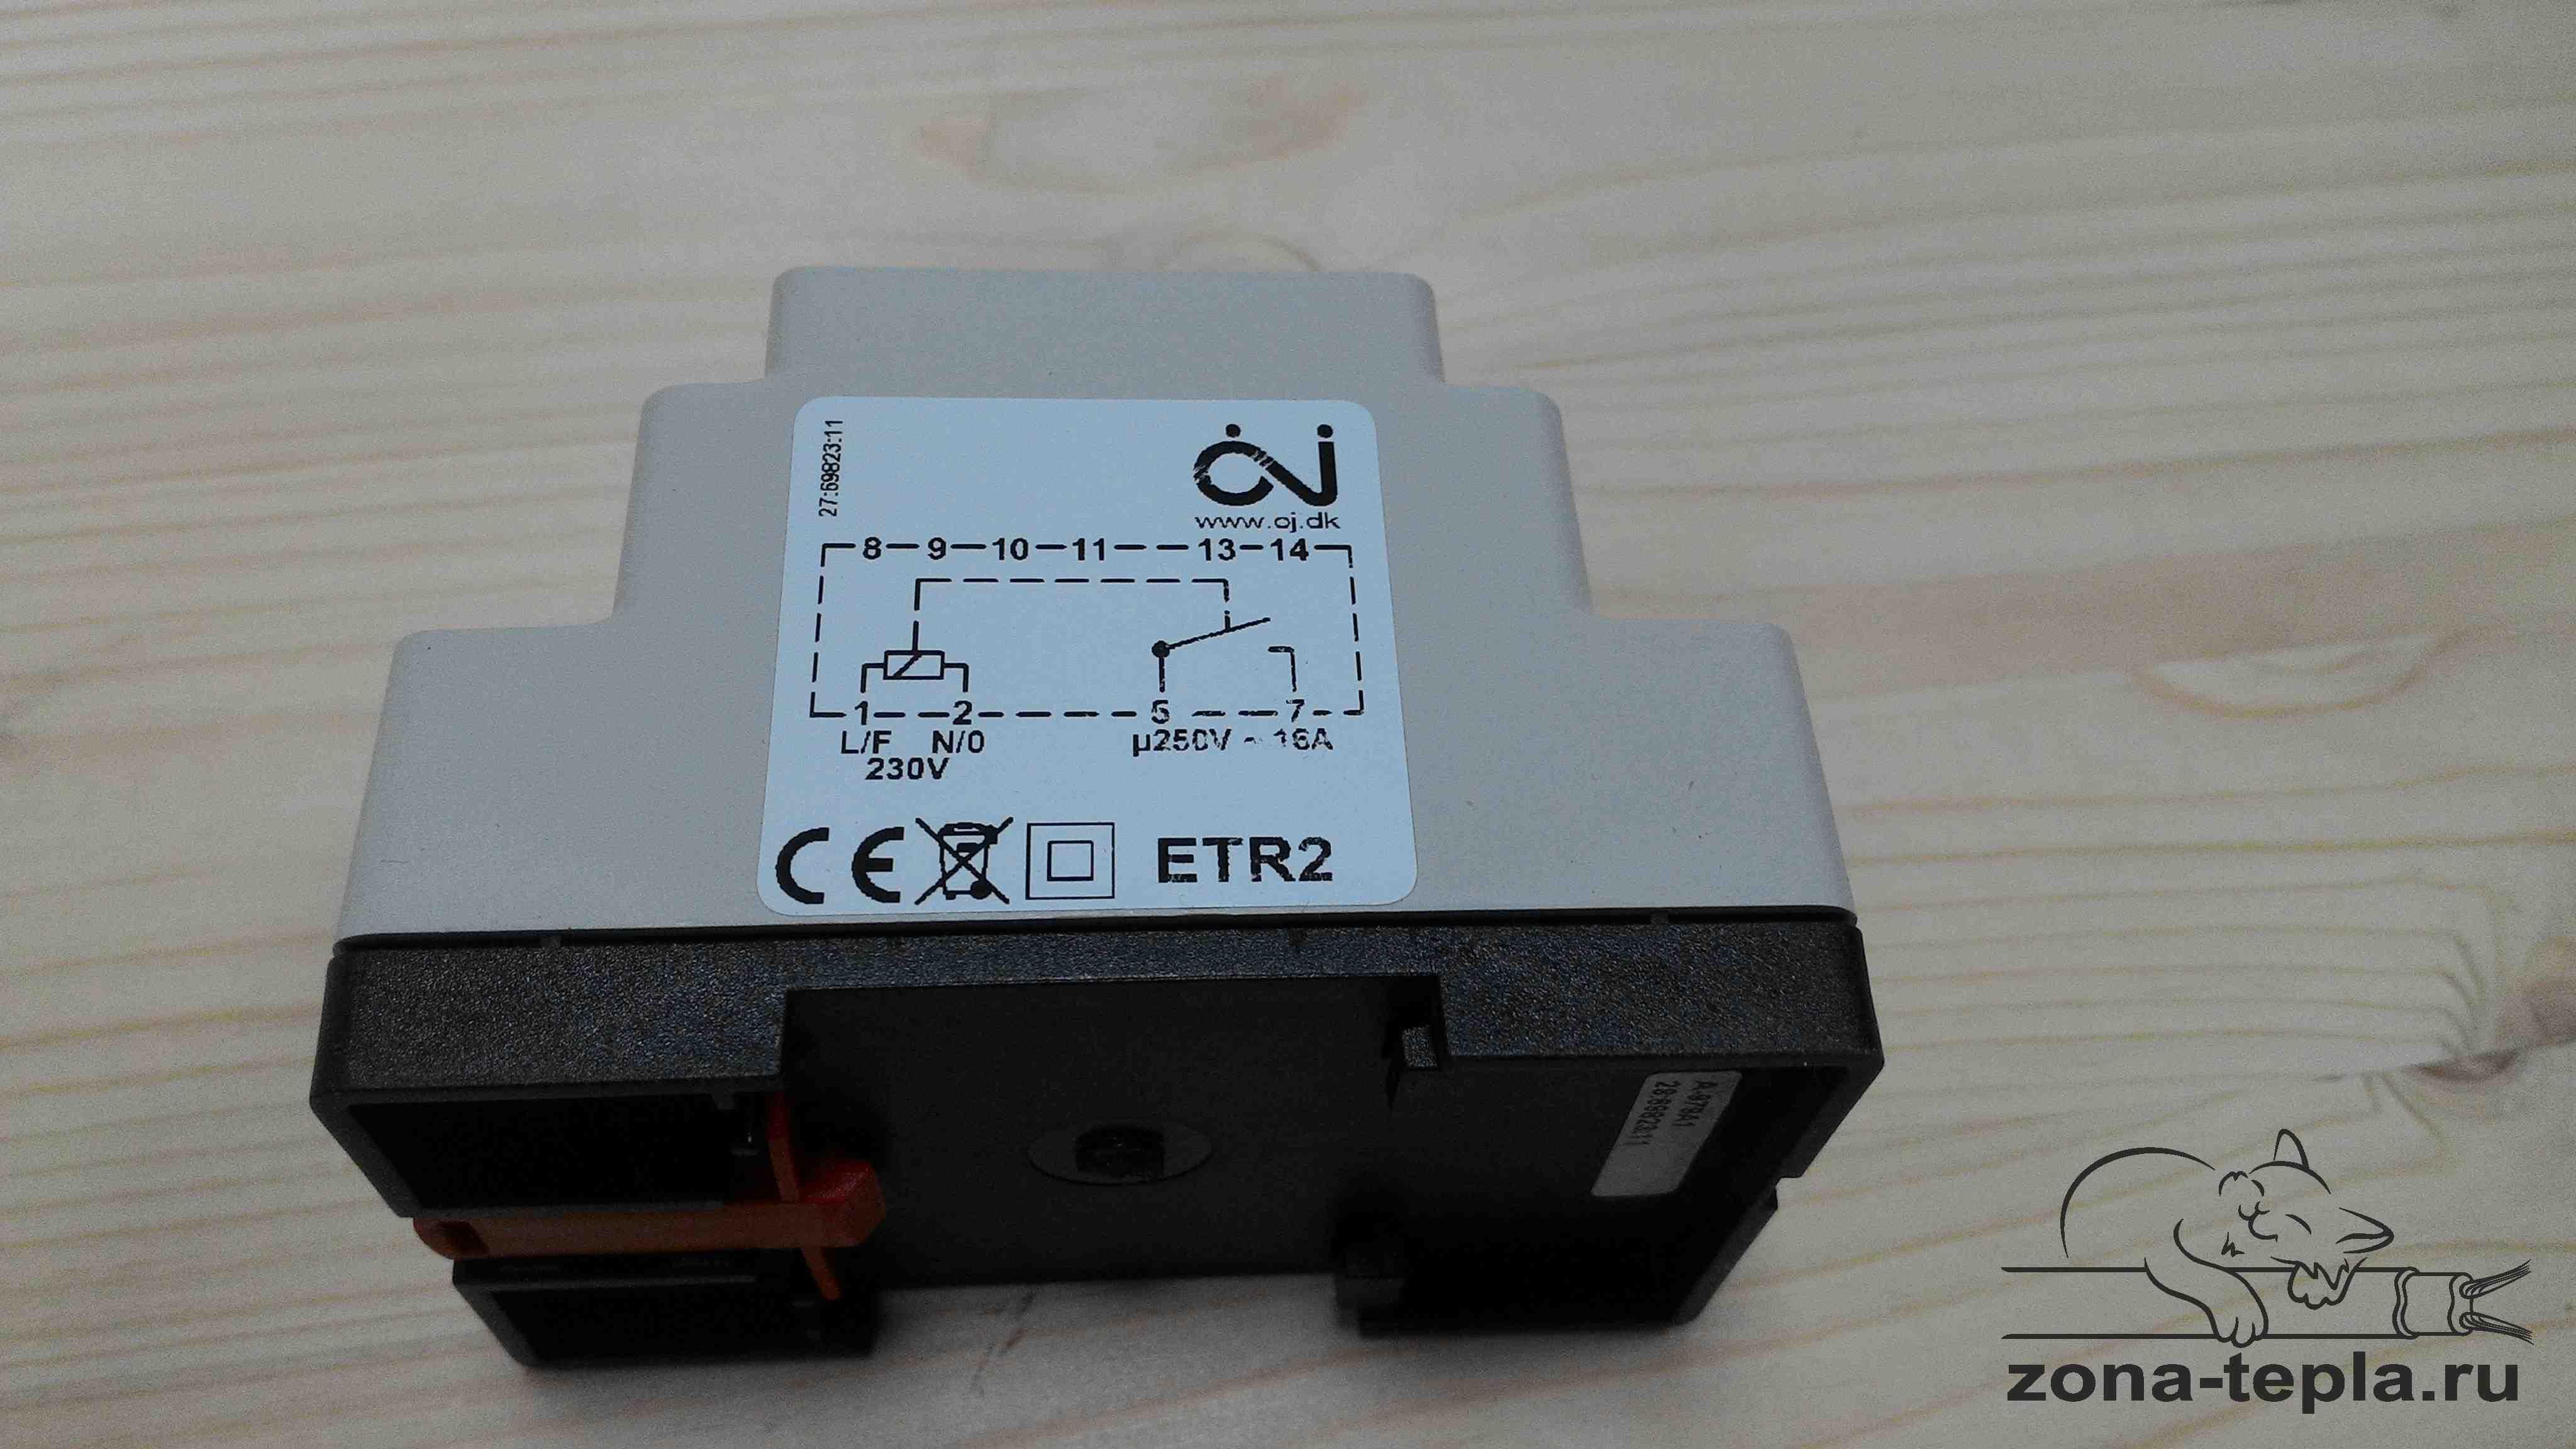 Etr2 схема подключения